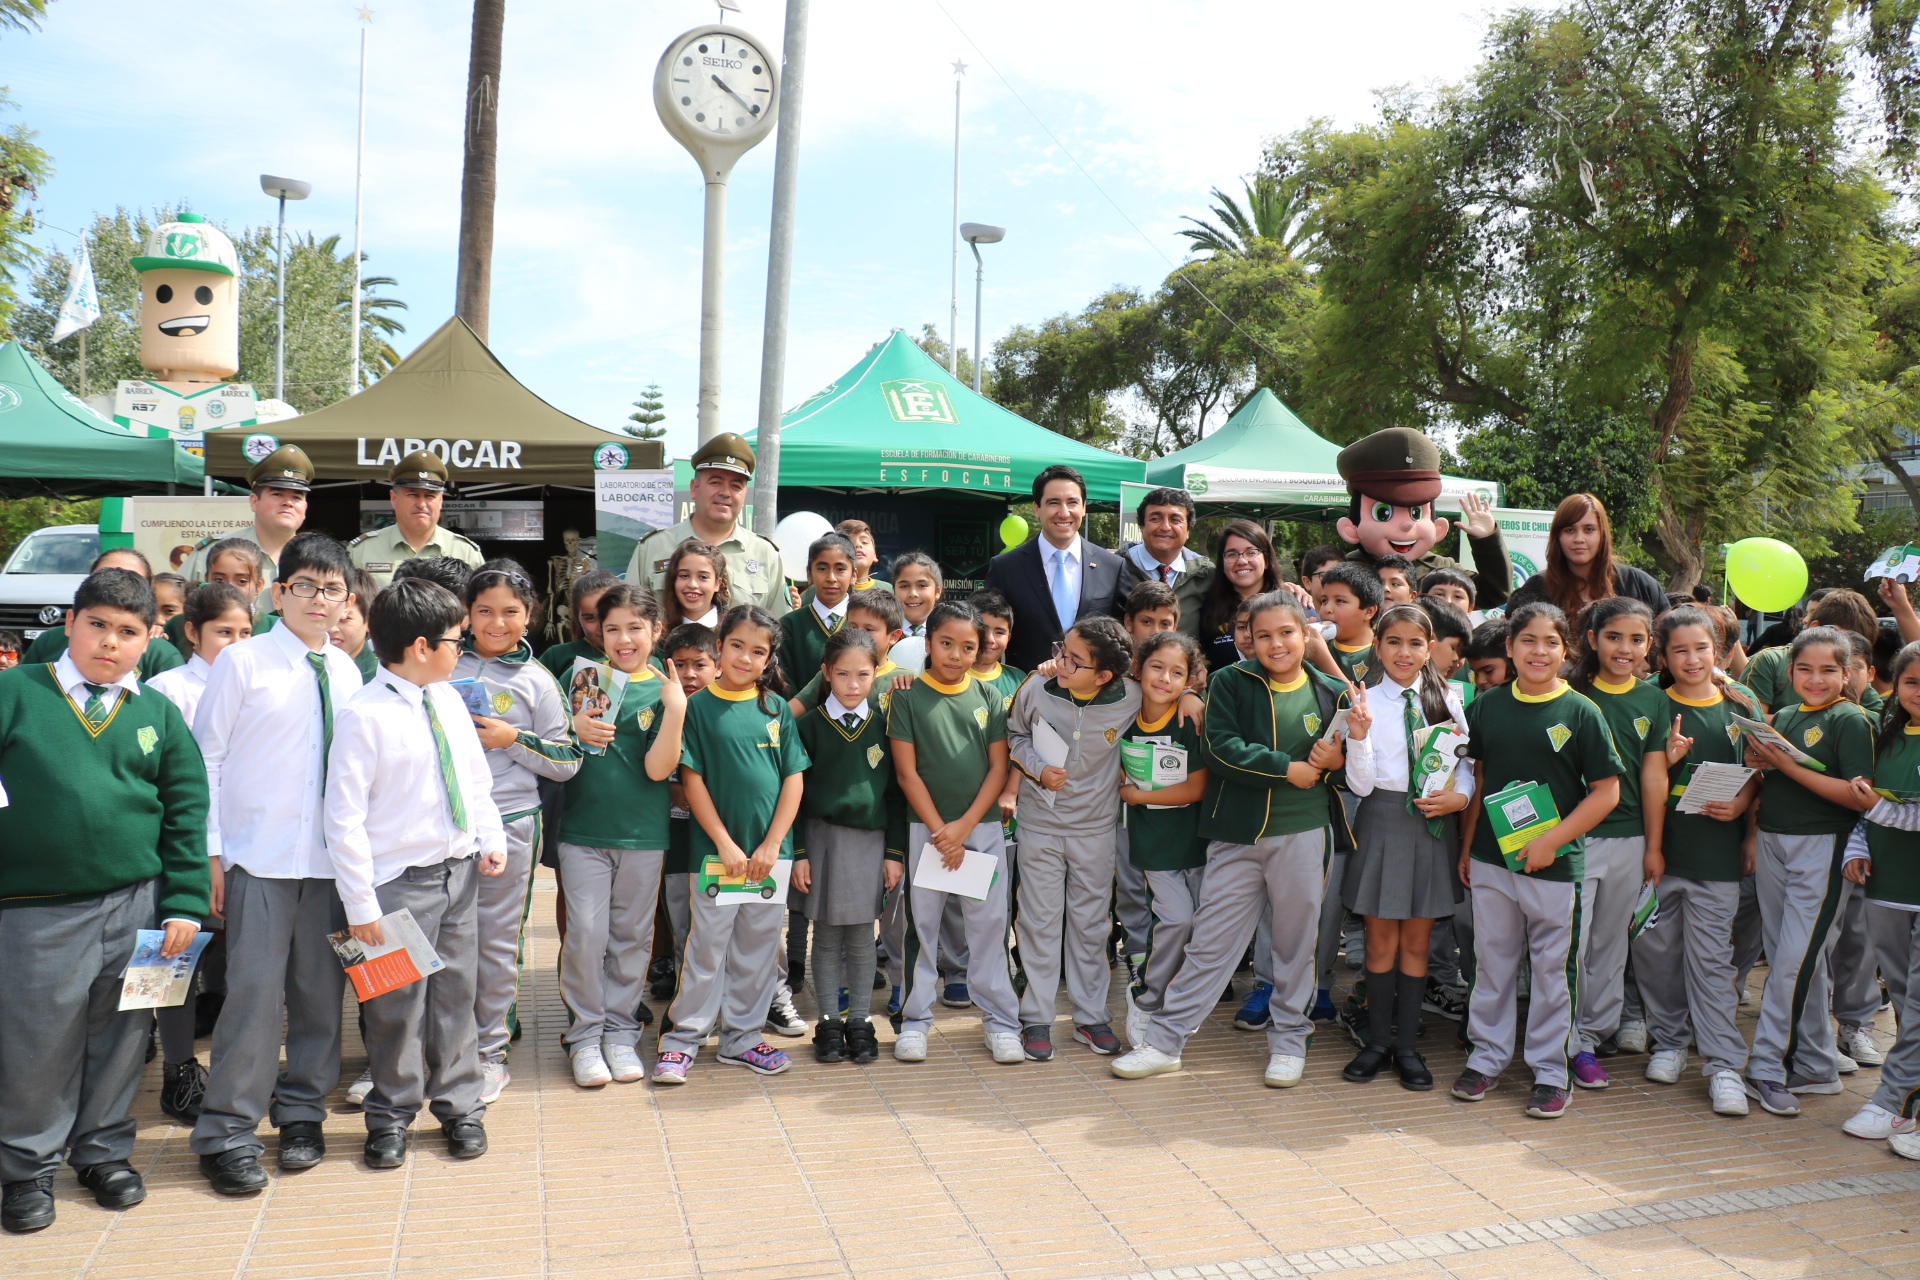 Gobernador del Huasco manifestó respaldo a trabajo de Carabineros en la zona